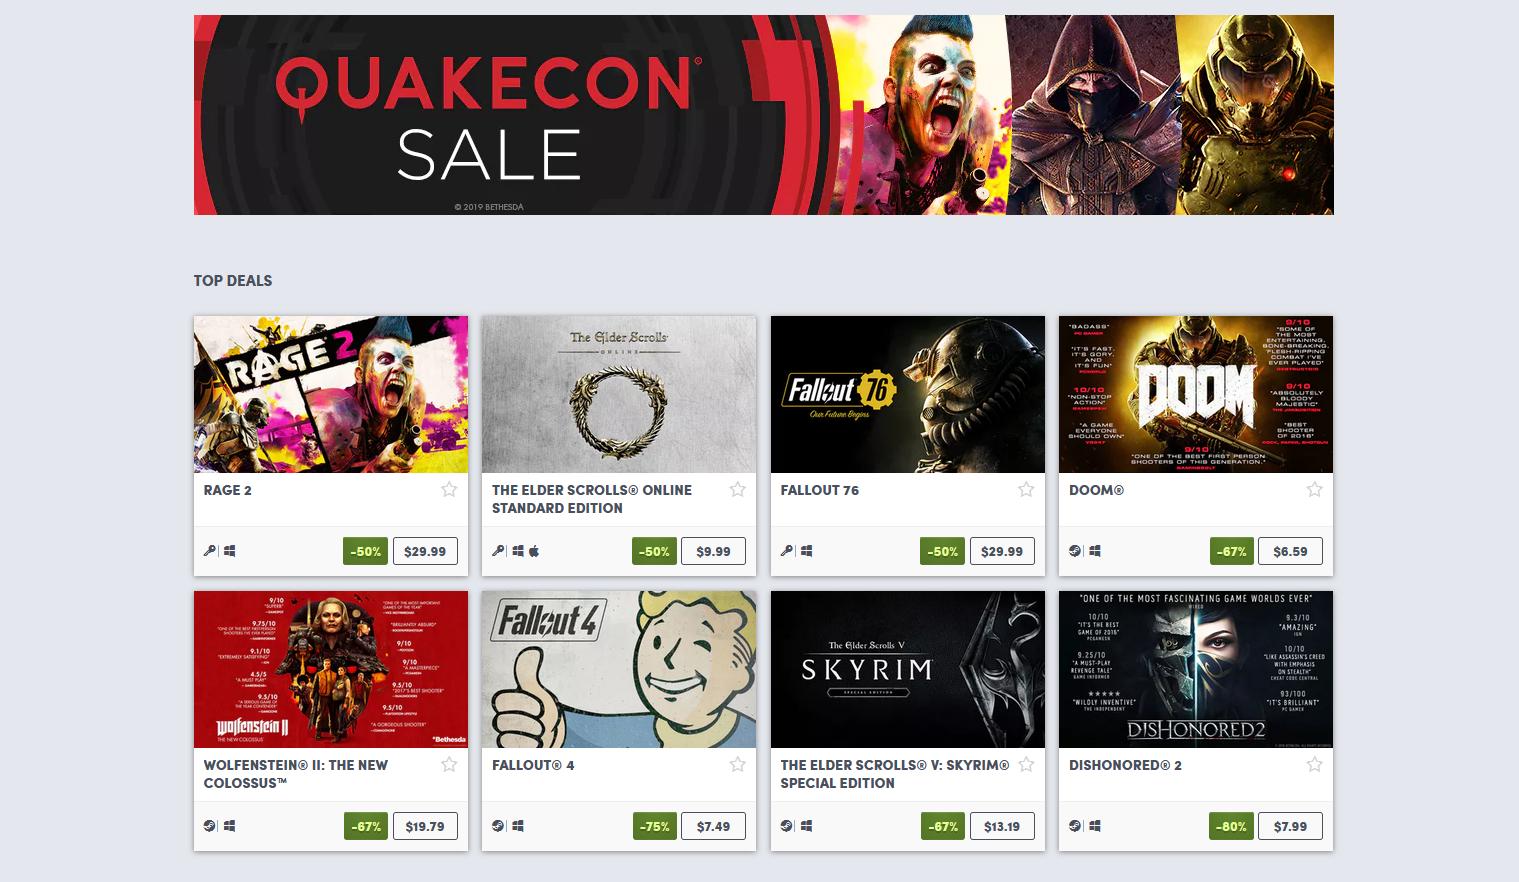 Best deals from the QuakeCon 2019 Humble Bundle Sale